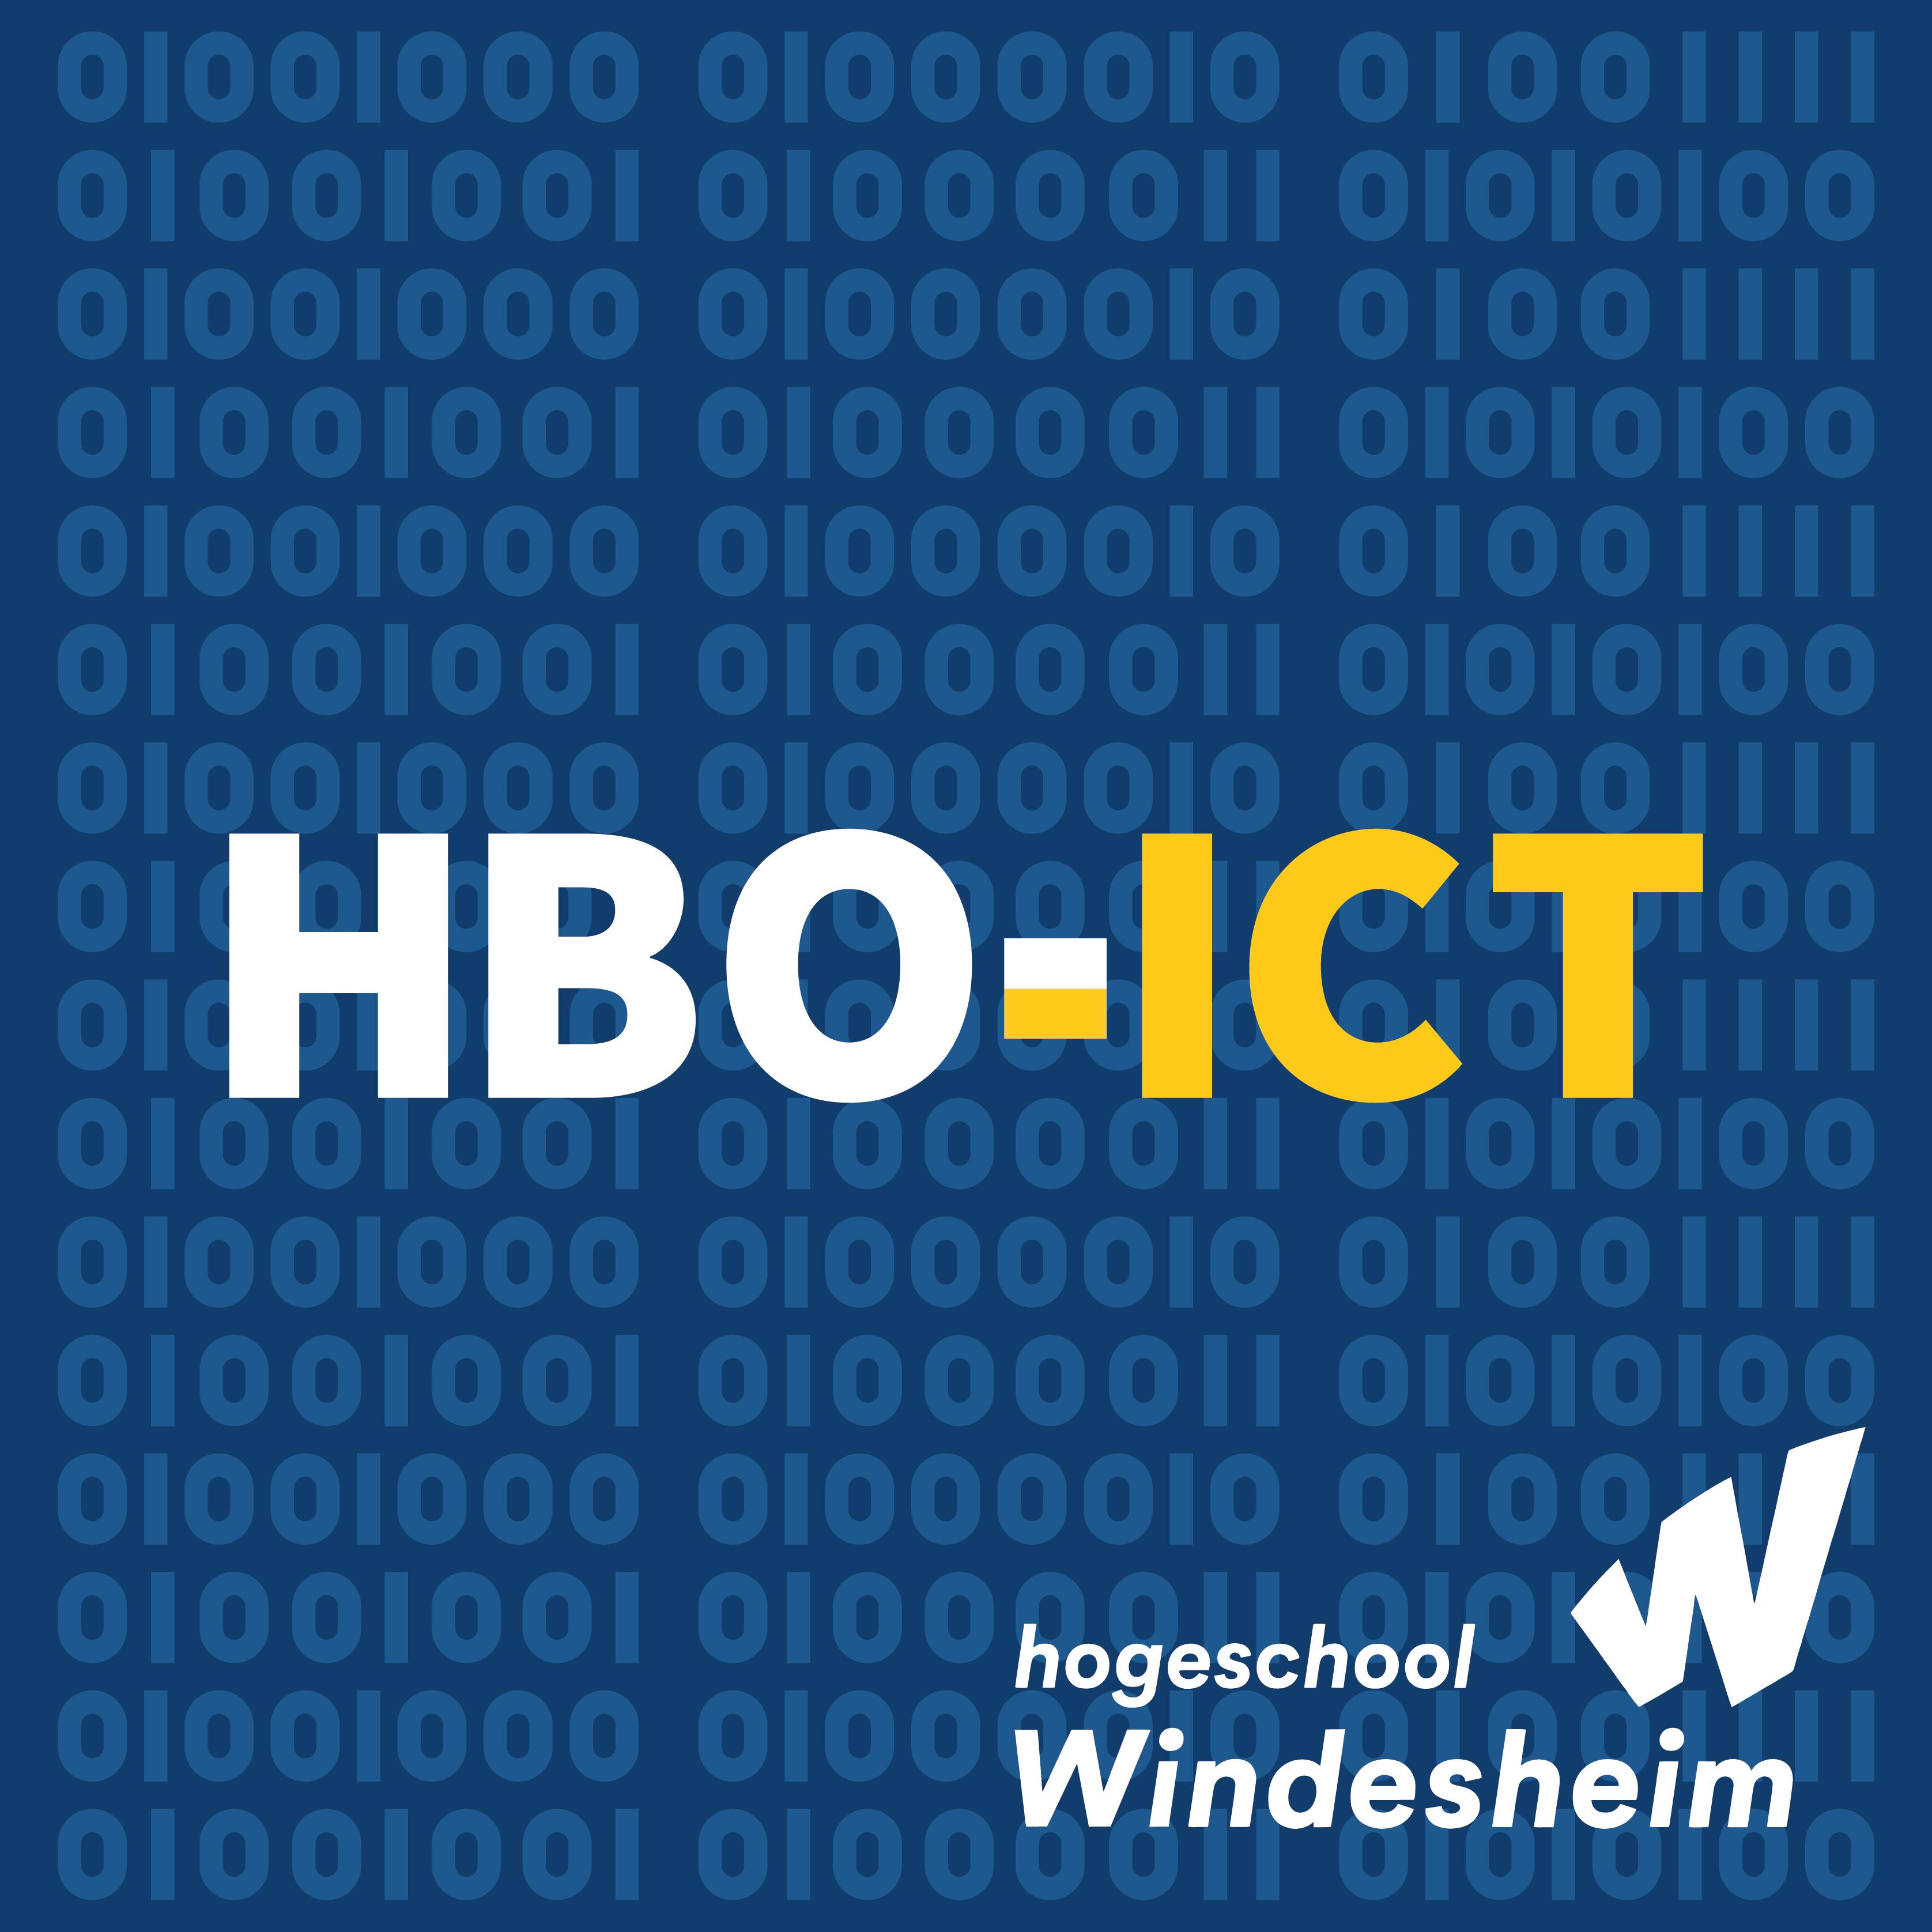 HBO-ICT Logo